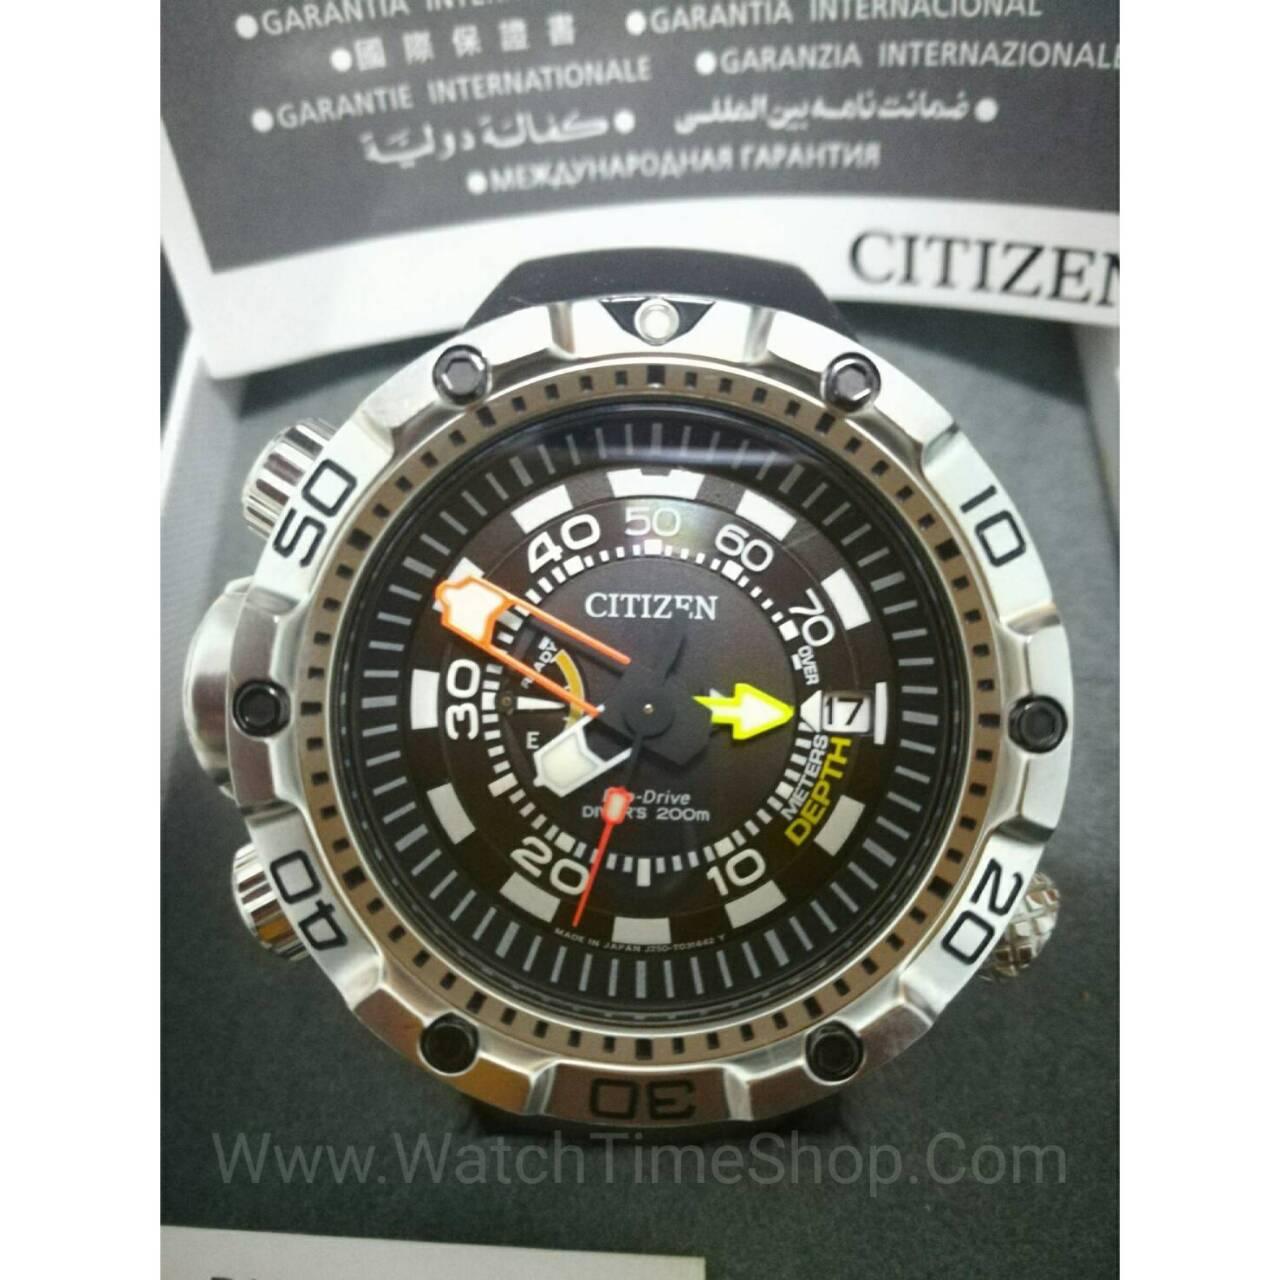 นาฬิกา Citizen รุ่น BN2021-03E, Eco-Drive Promaster Aqualand ISO 200m Japan Divers Watch นาฬิกามือสอง